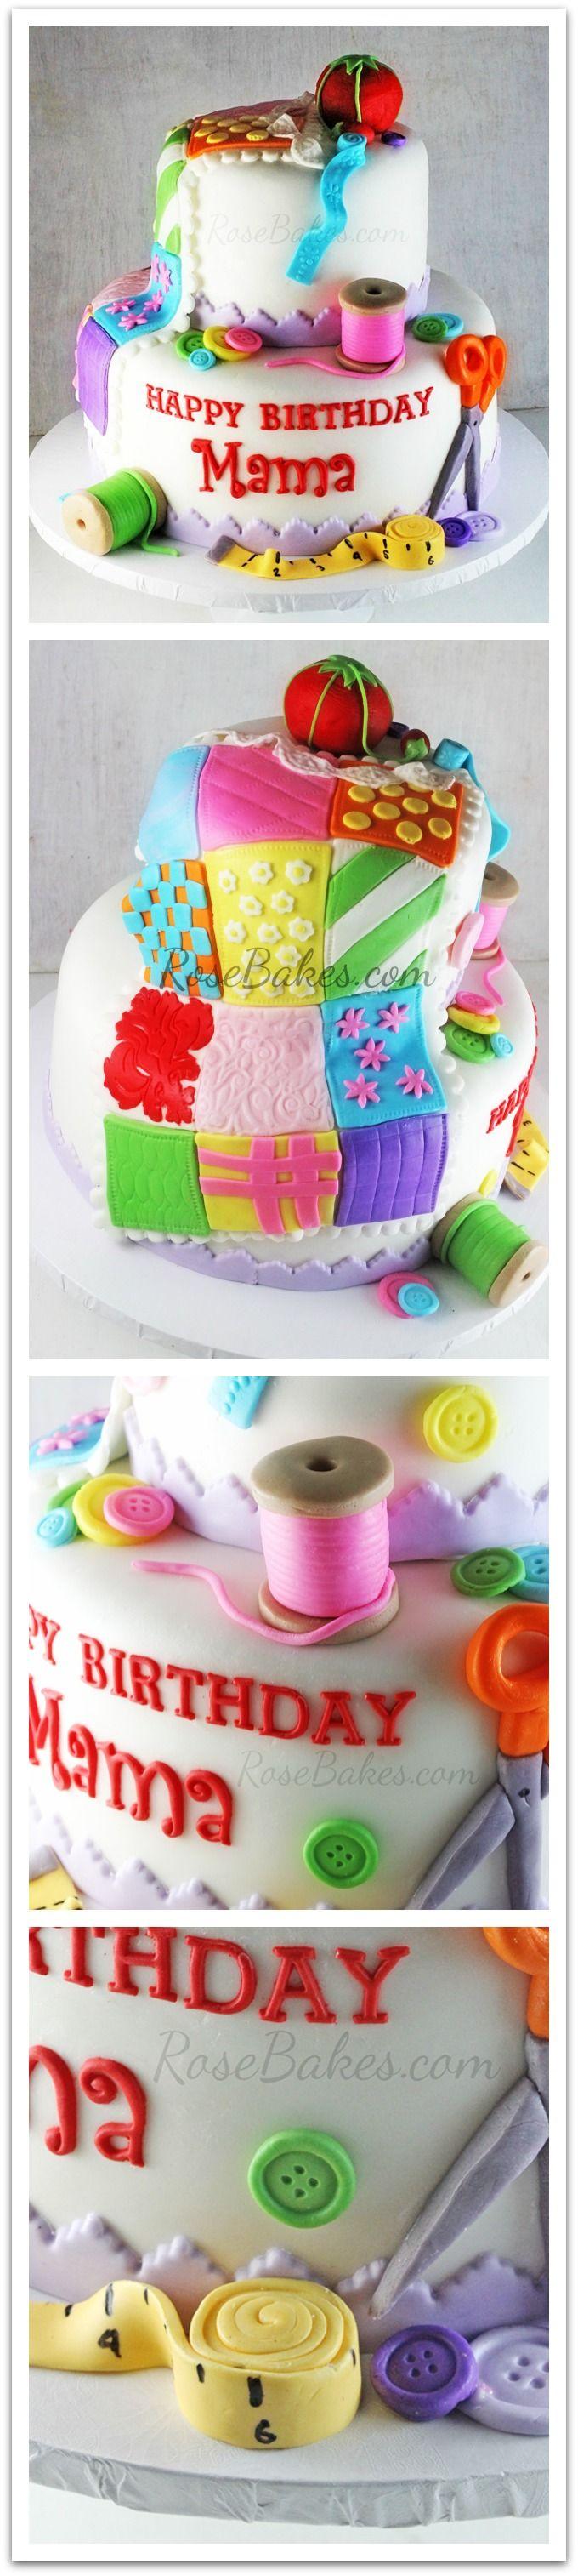 Costura acolchar Cake por RoseBakes.com